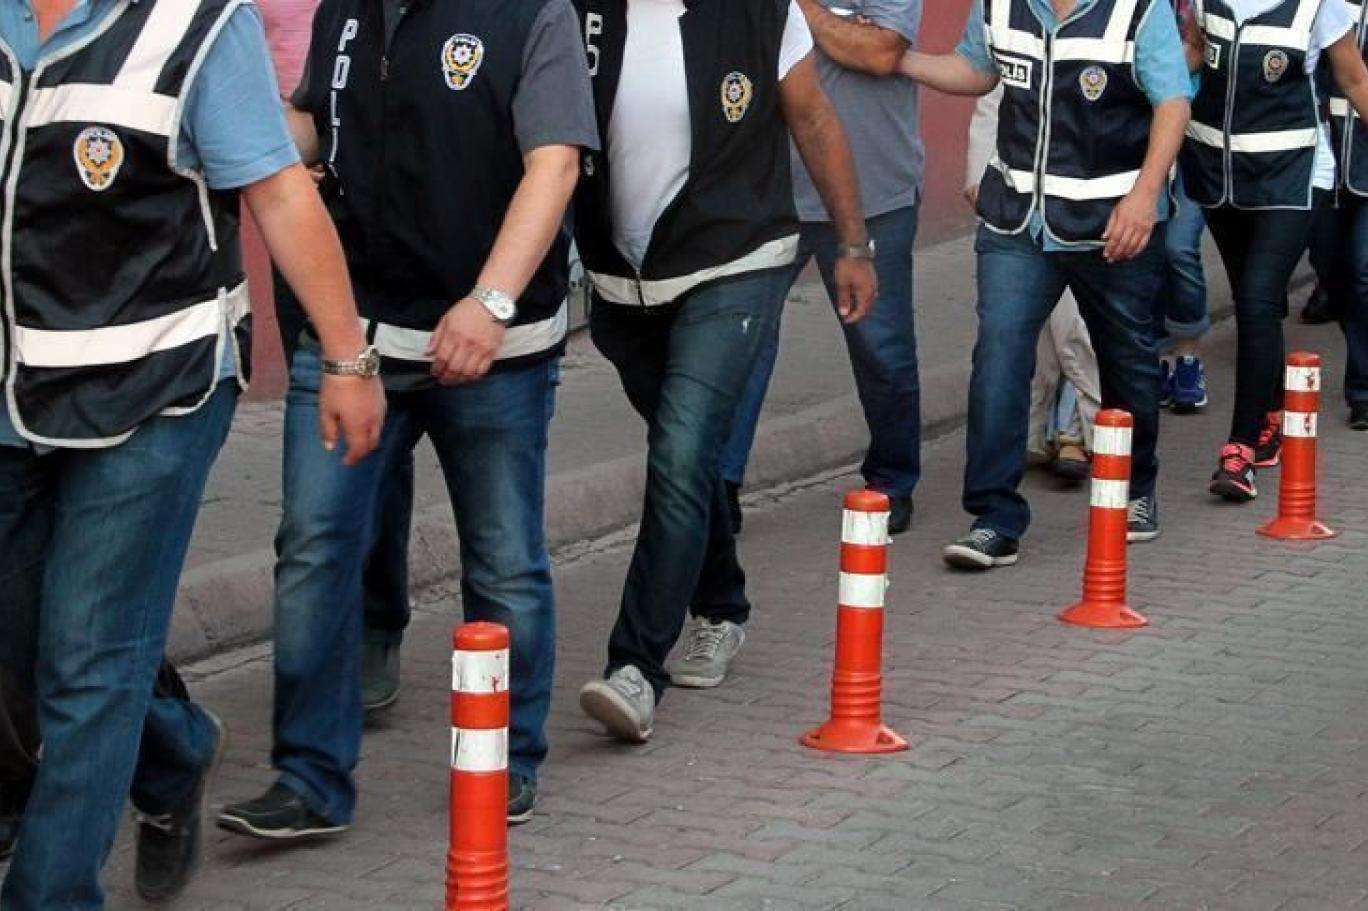 Ankara Valiliği açıkladı! 47 şüpheli için ihalede rüşvet soruşturması!